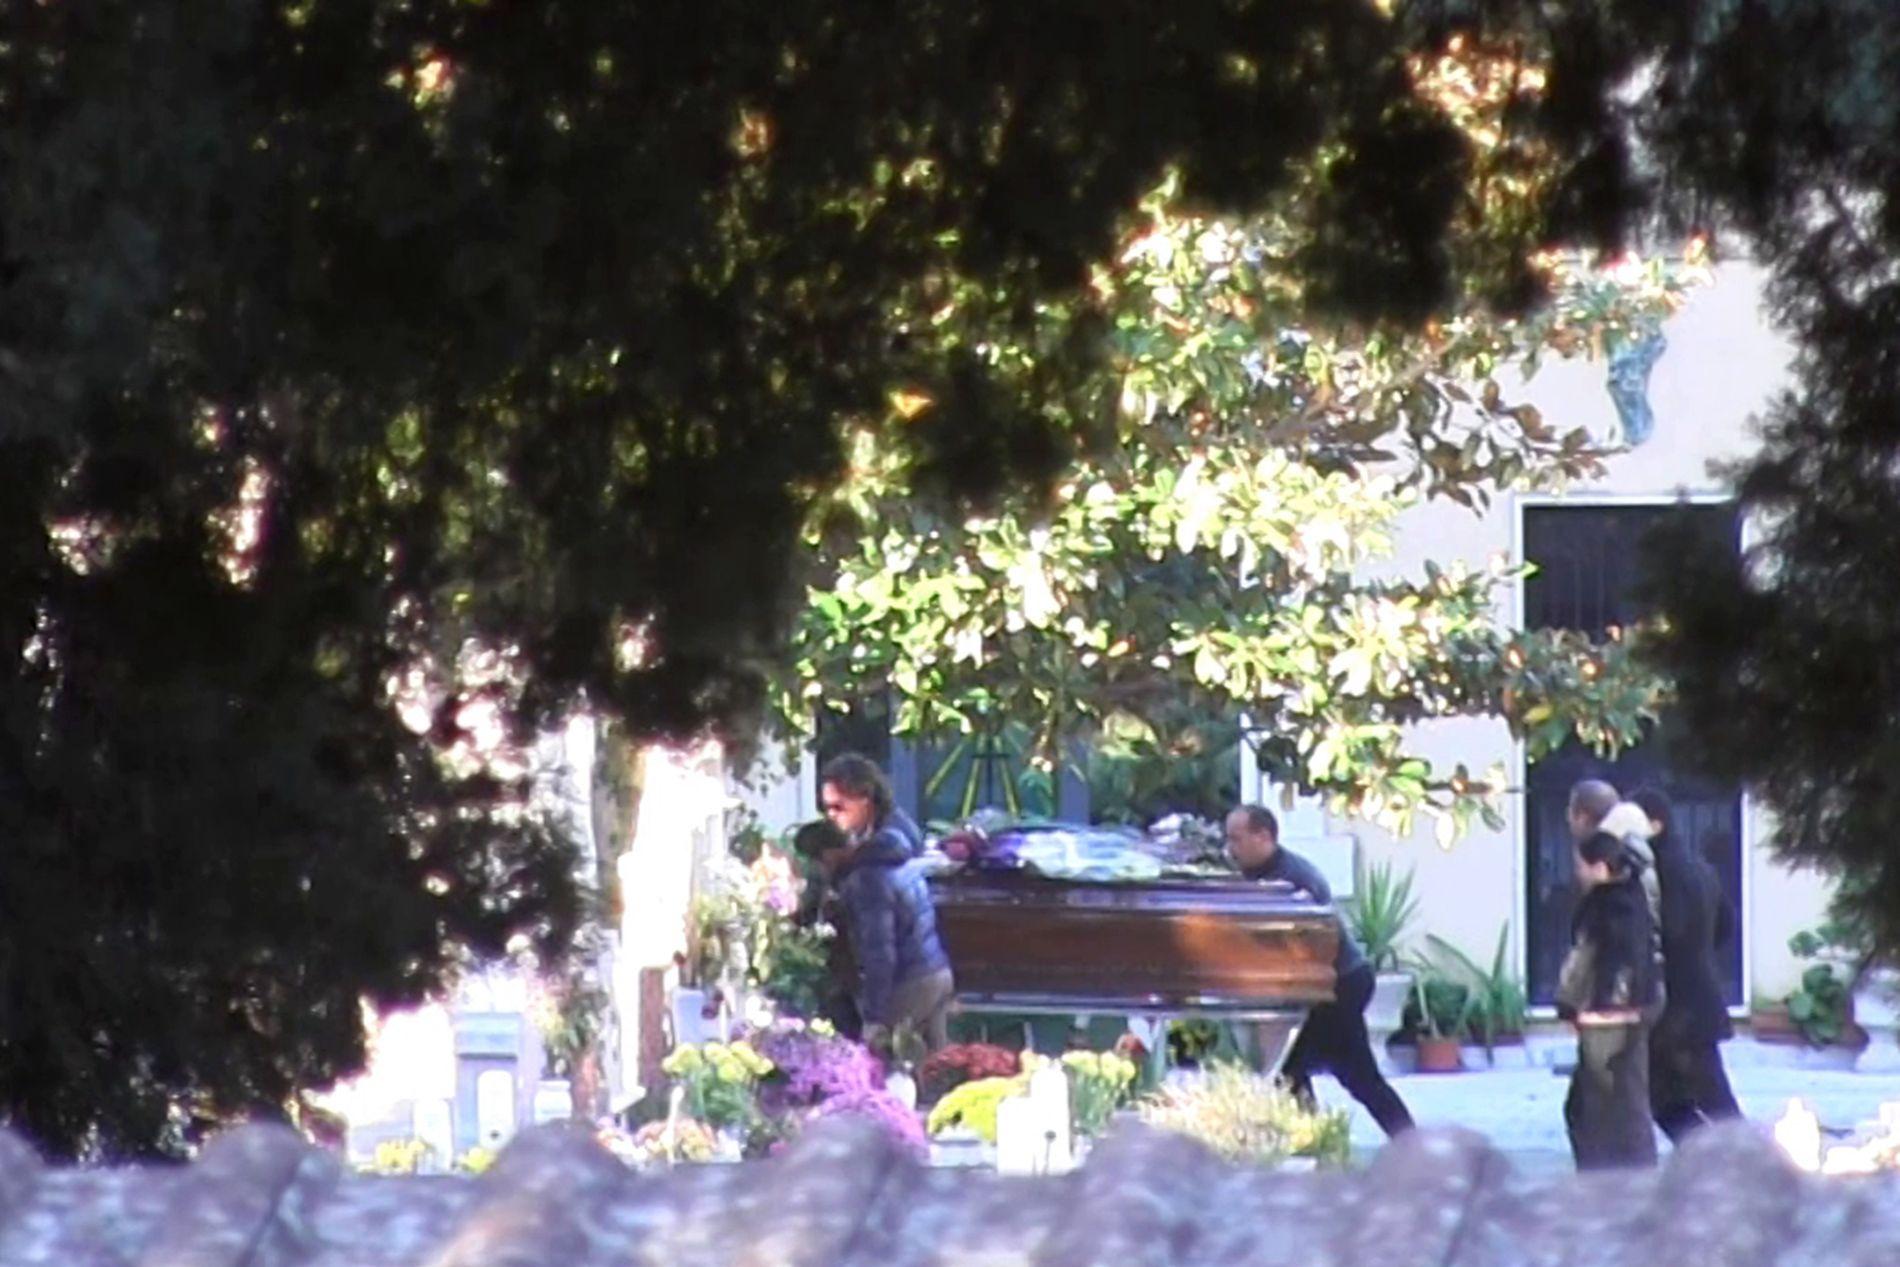 SISTE REIS: Mafiabossen Totò Riina ble gravlagt ved en privat seremoni på kirkegården i hjembyen Corleone etter at kirken nektet ham og familien en offentlig begravelse.